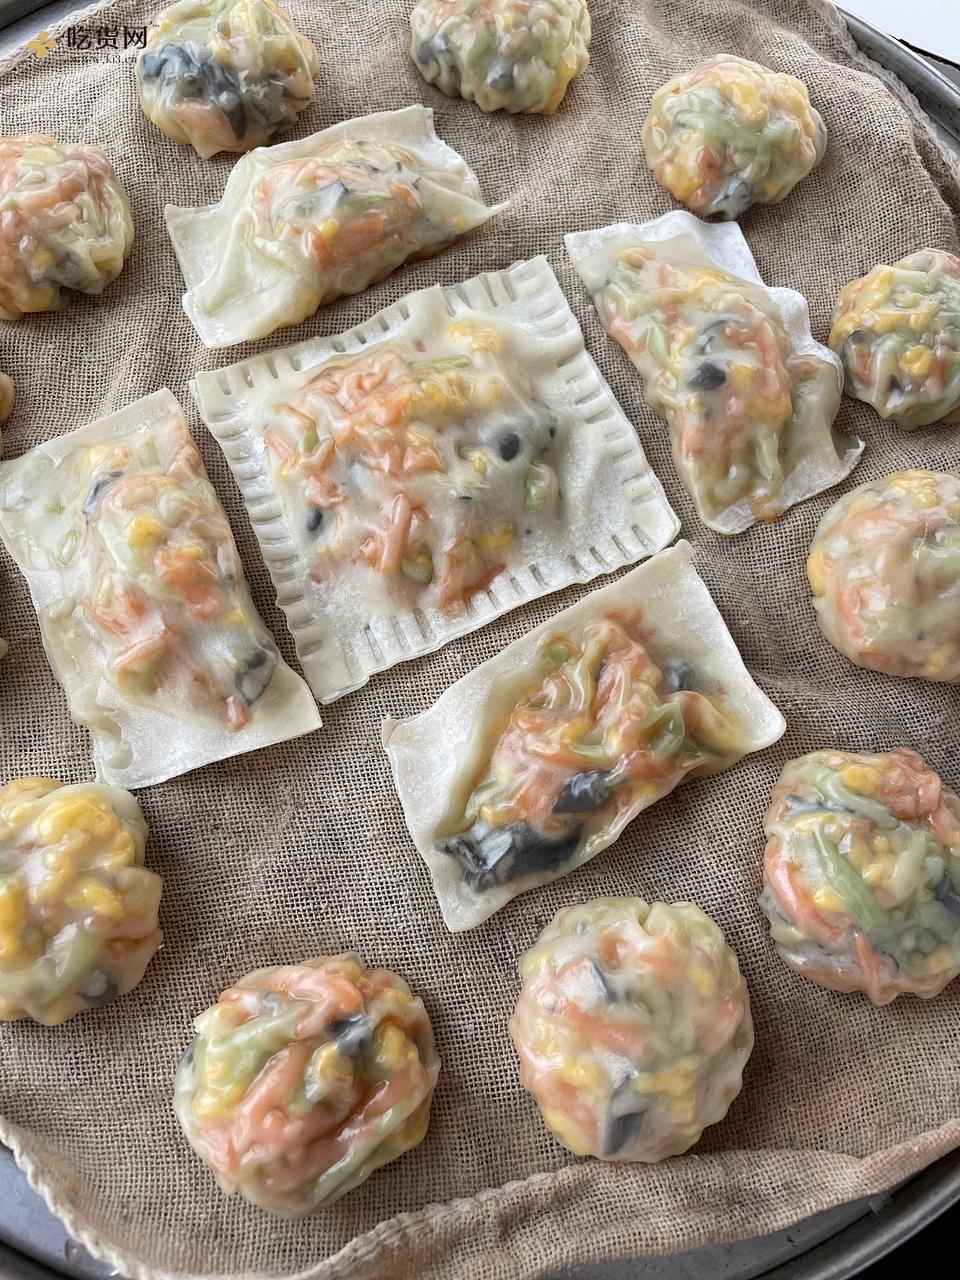 有滋有味减肥餐~低脂又营养的蔬菜包的做法 步骤11